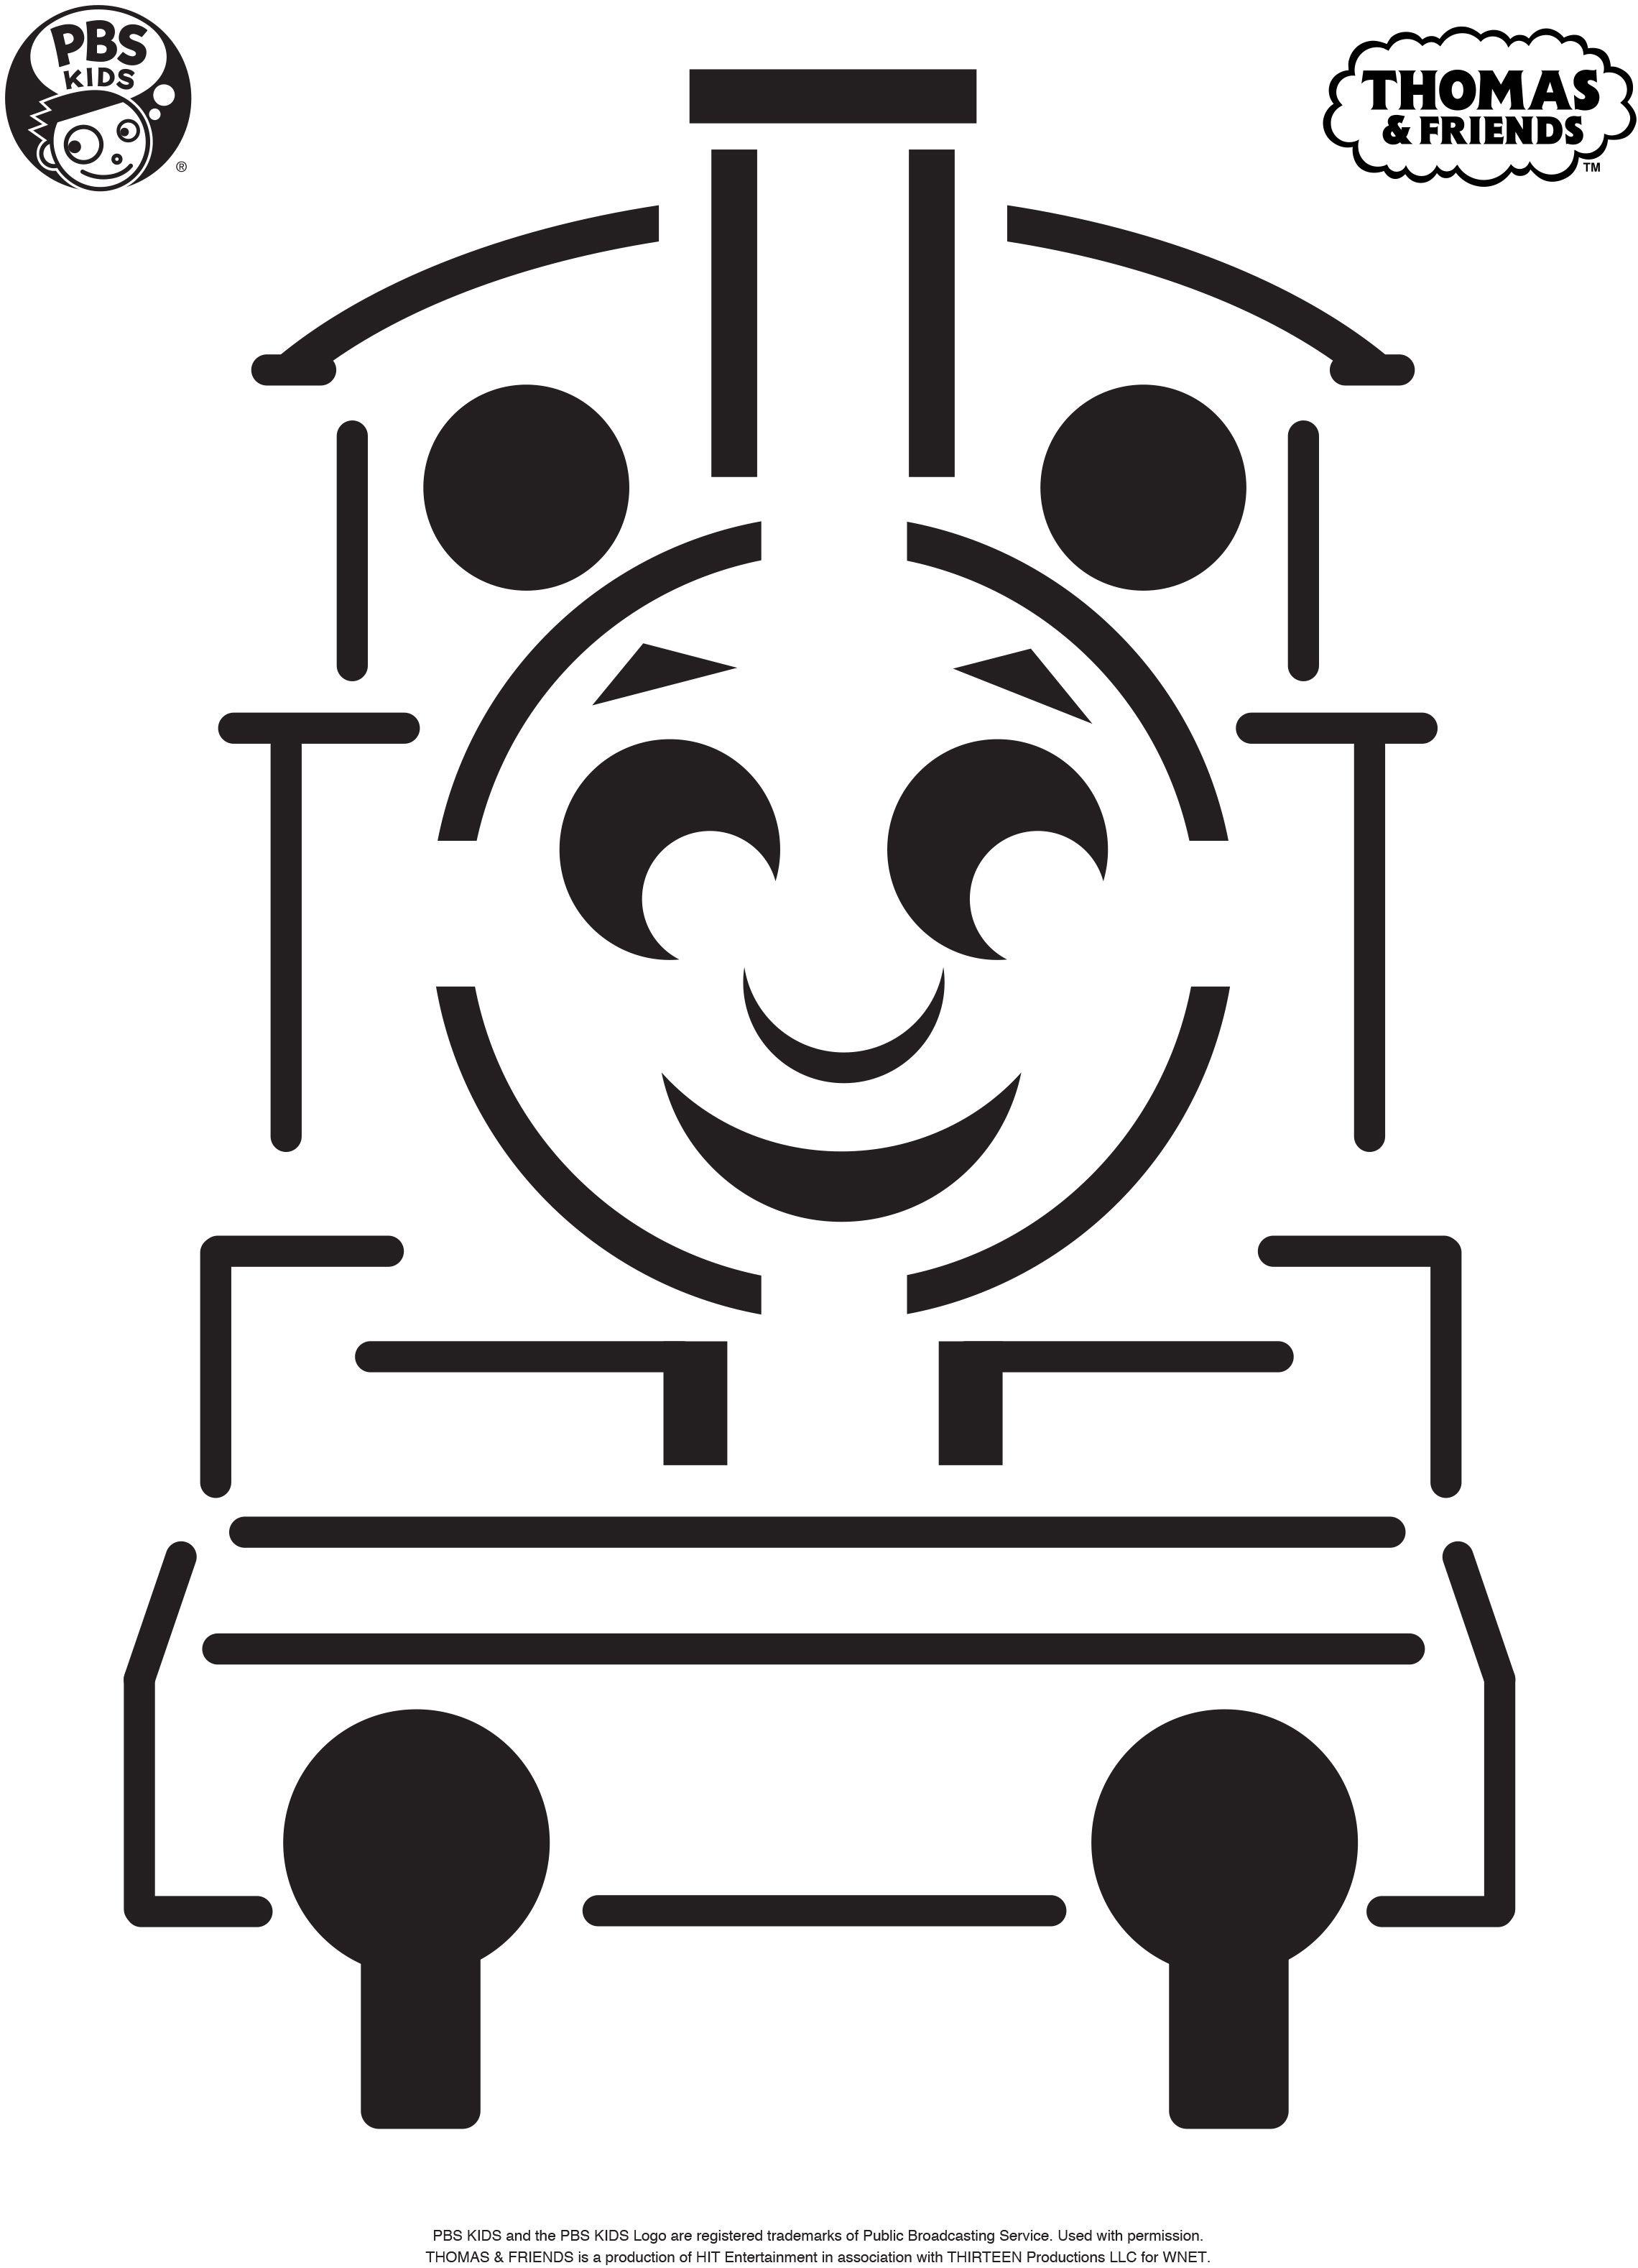 Make A Thomas The Tank Engine Pumpkin With This Pumpkin